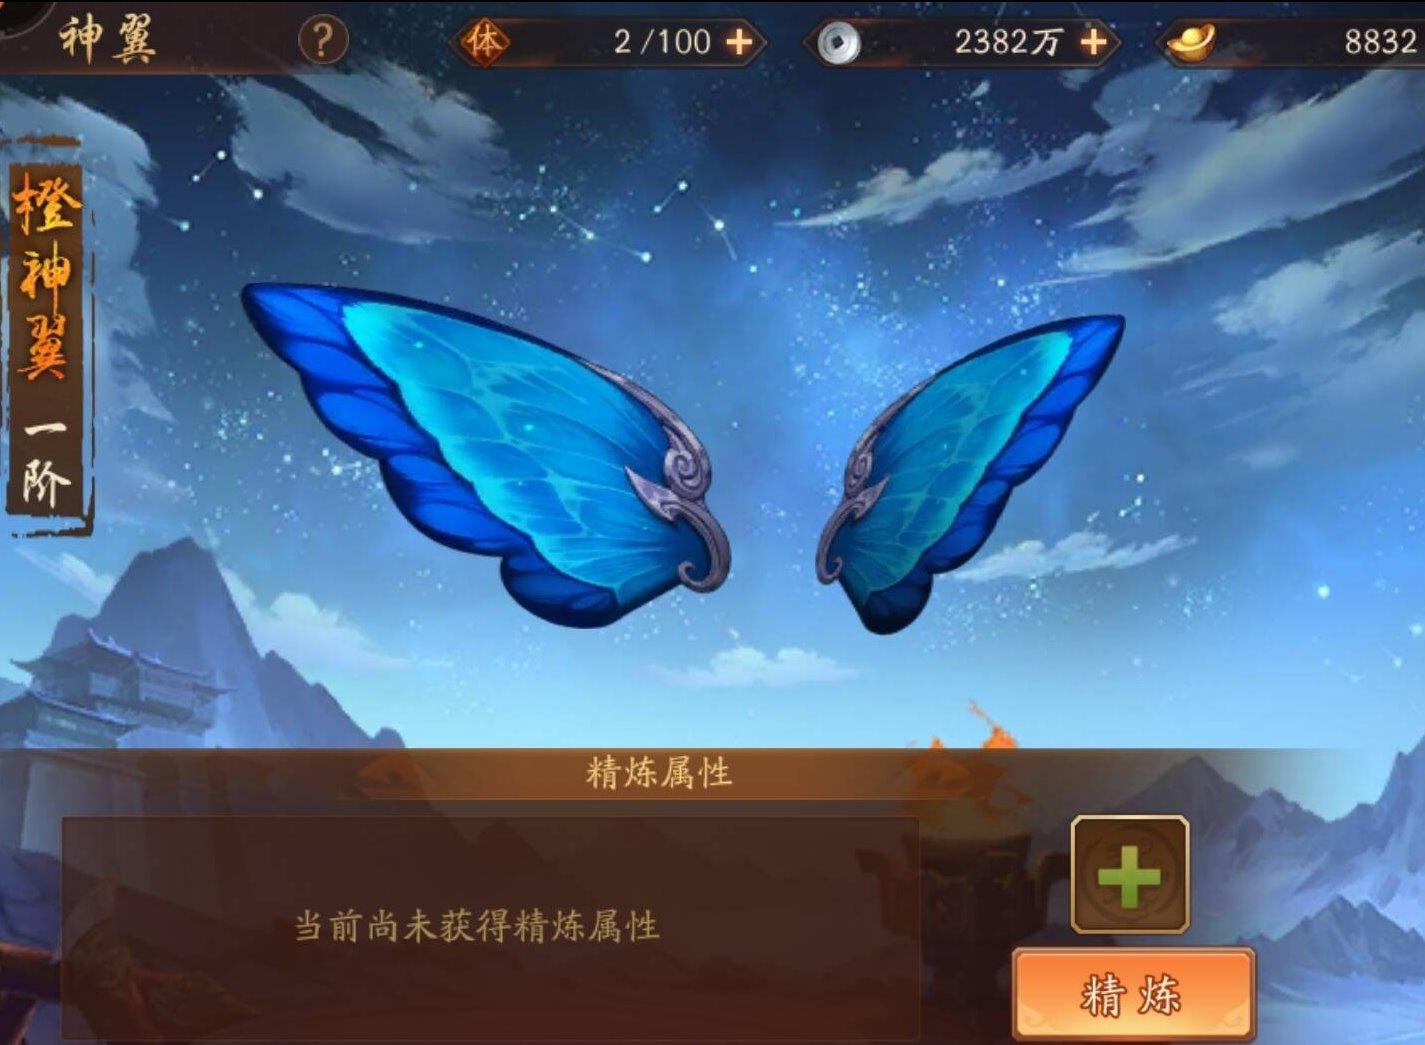 少年三国志2翅膀获取方法攻略 翅膀怎么获取